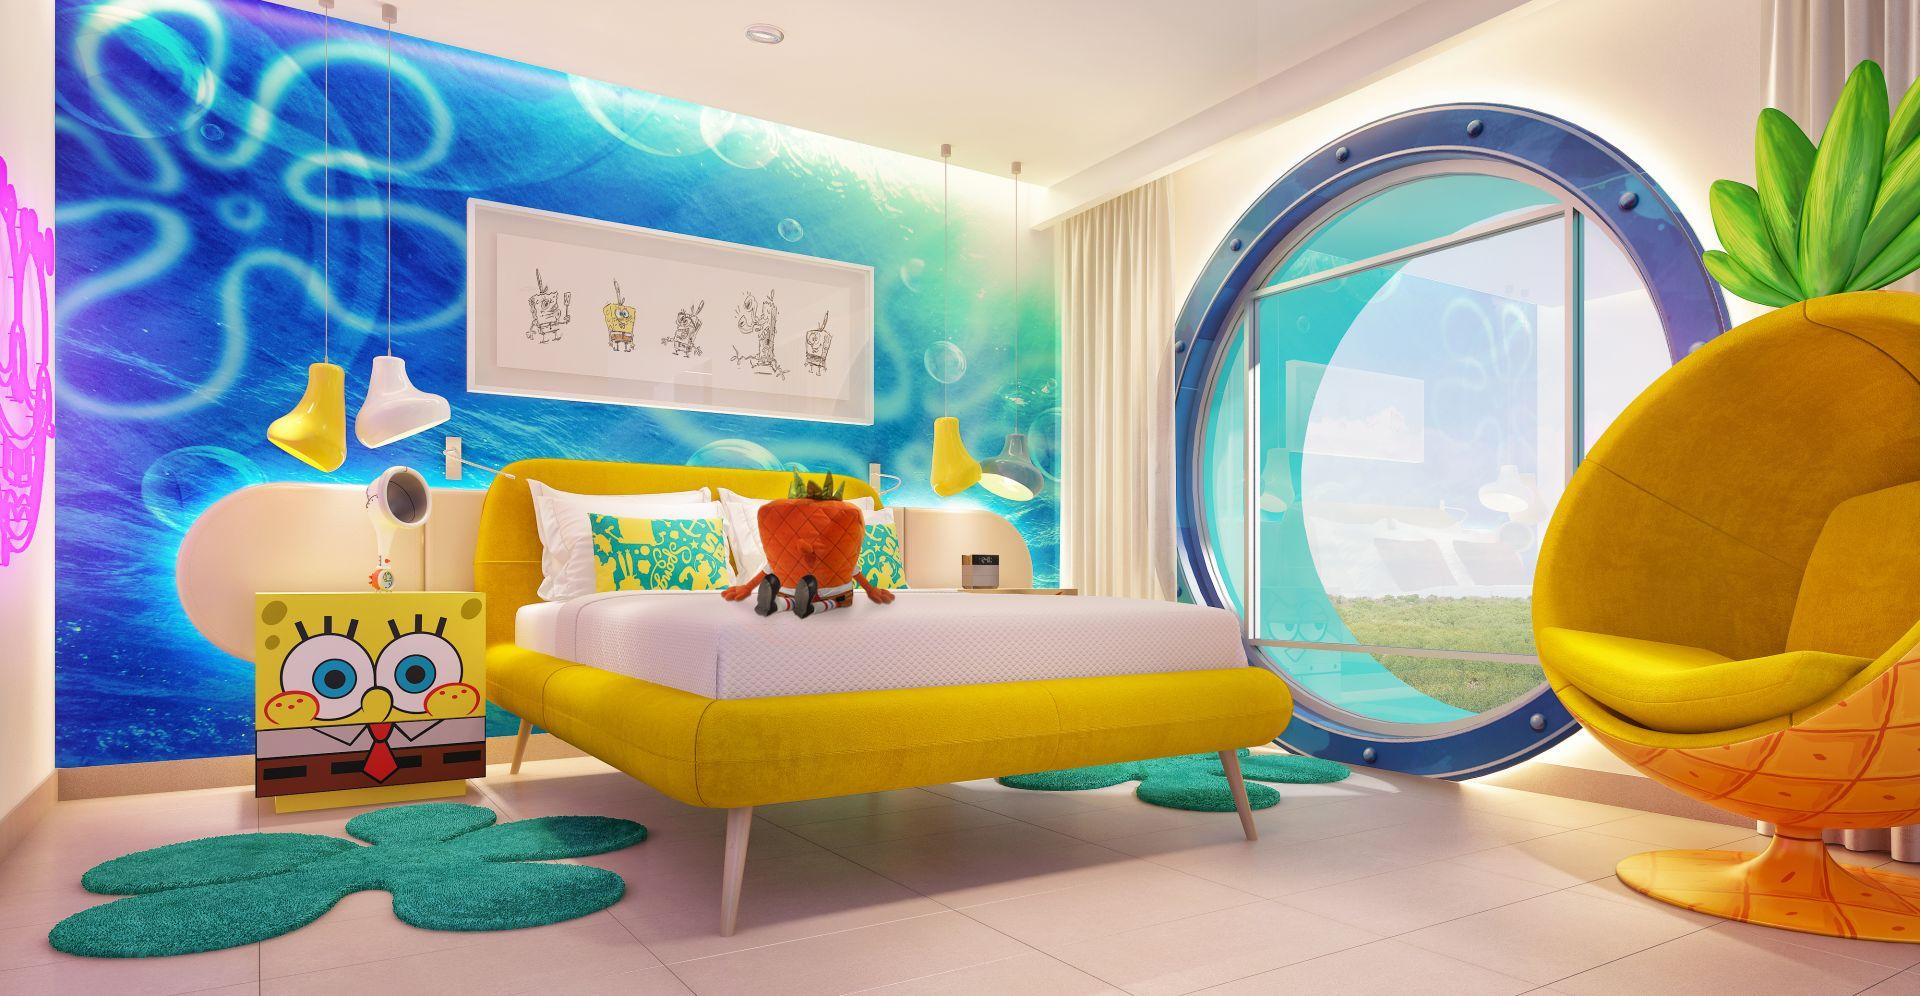 Nickelodeon Hotels & Resorts